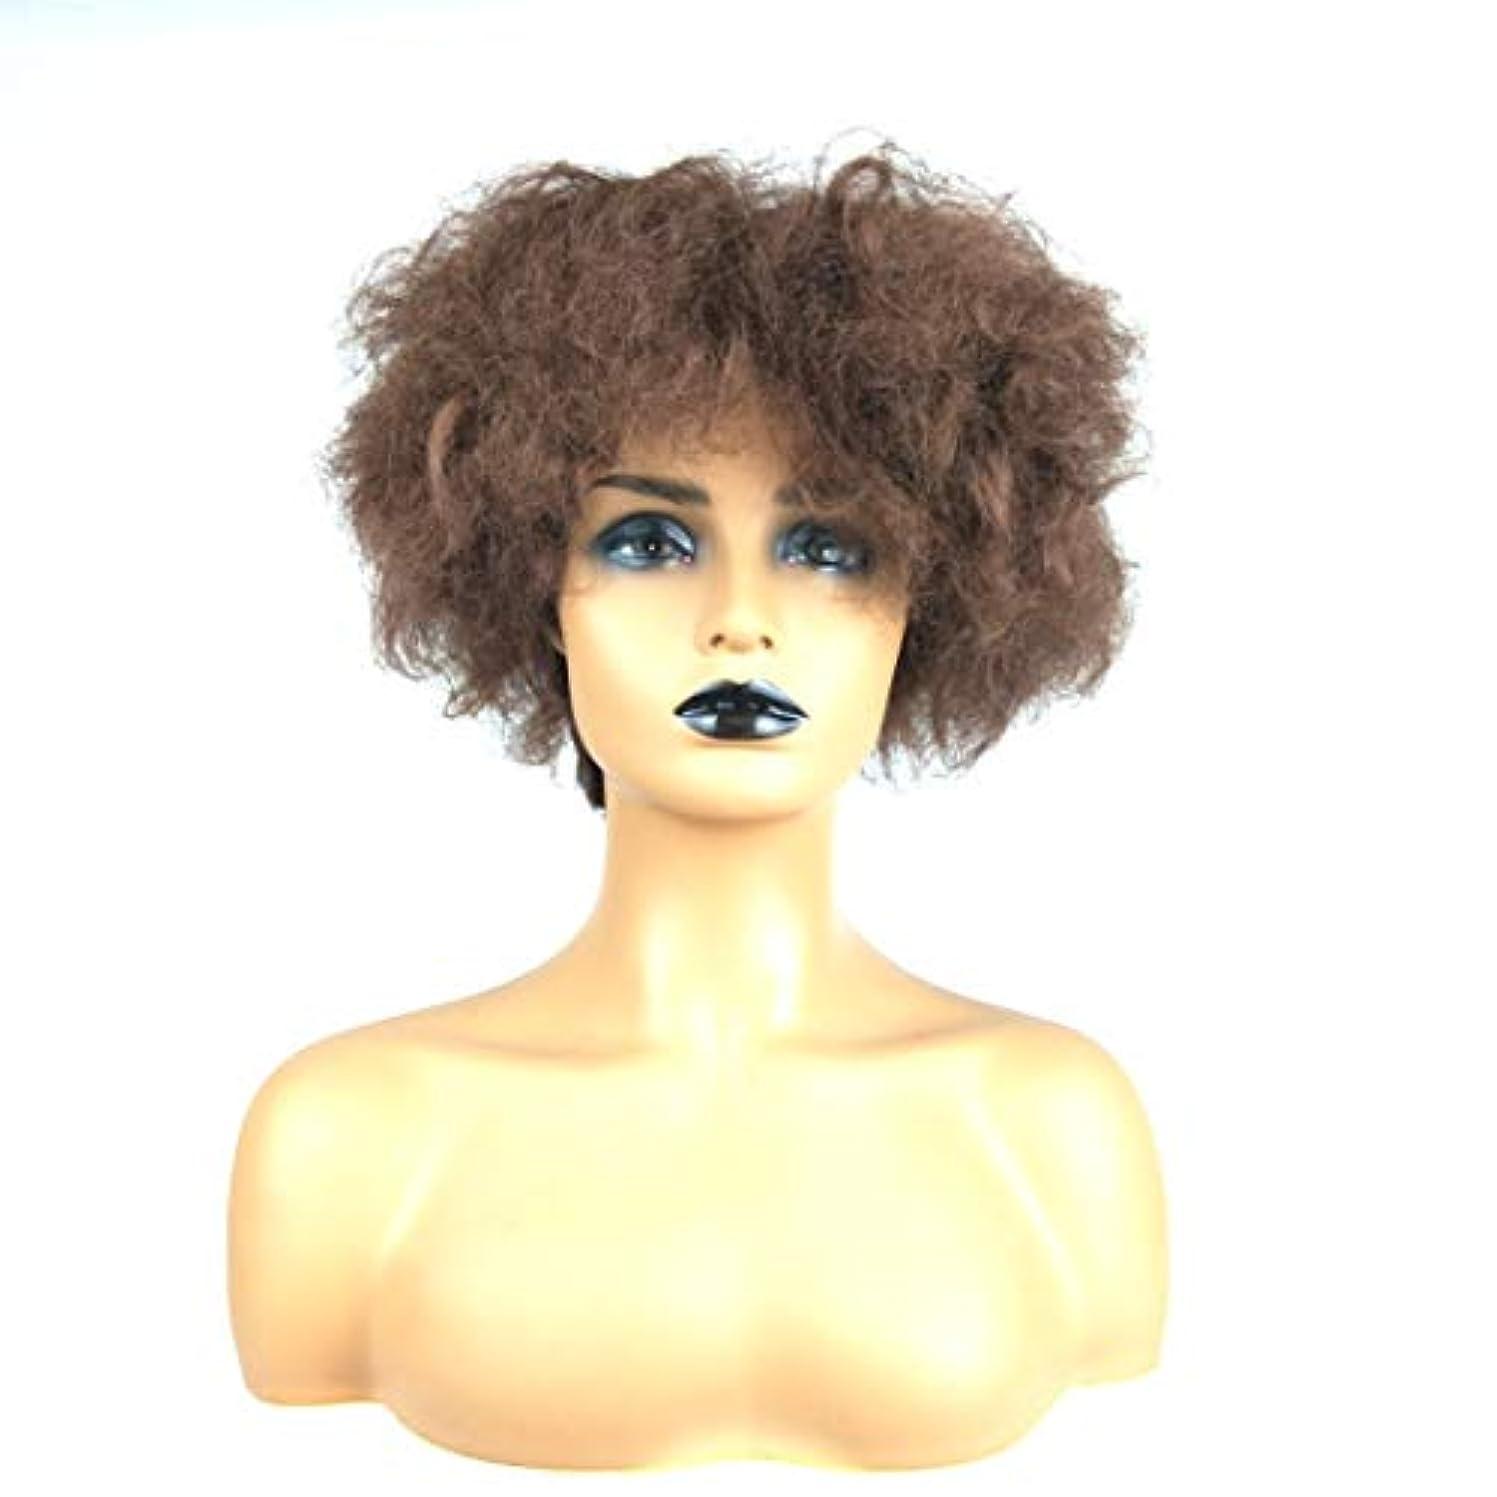 サイクロプスびっくり遺跡Kerwinner 女性のための短い巻き毛のかつらブロンドのボブの髪かつら自然に見える耐熱合成ファッションかつら